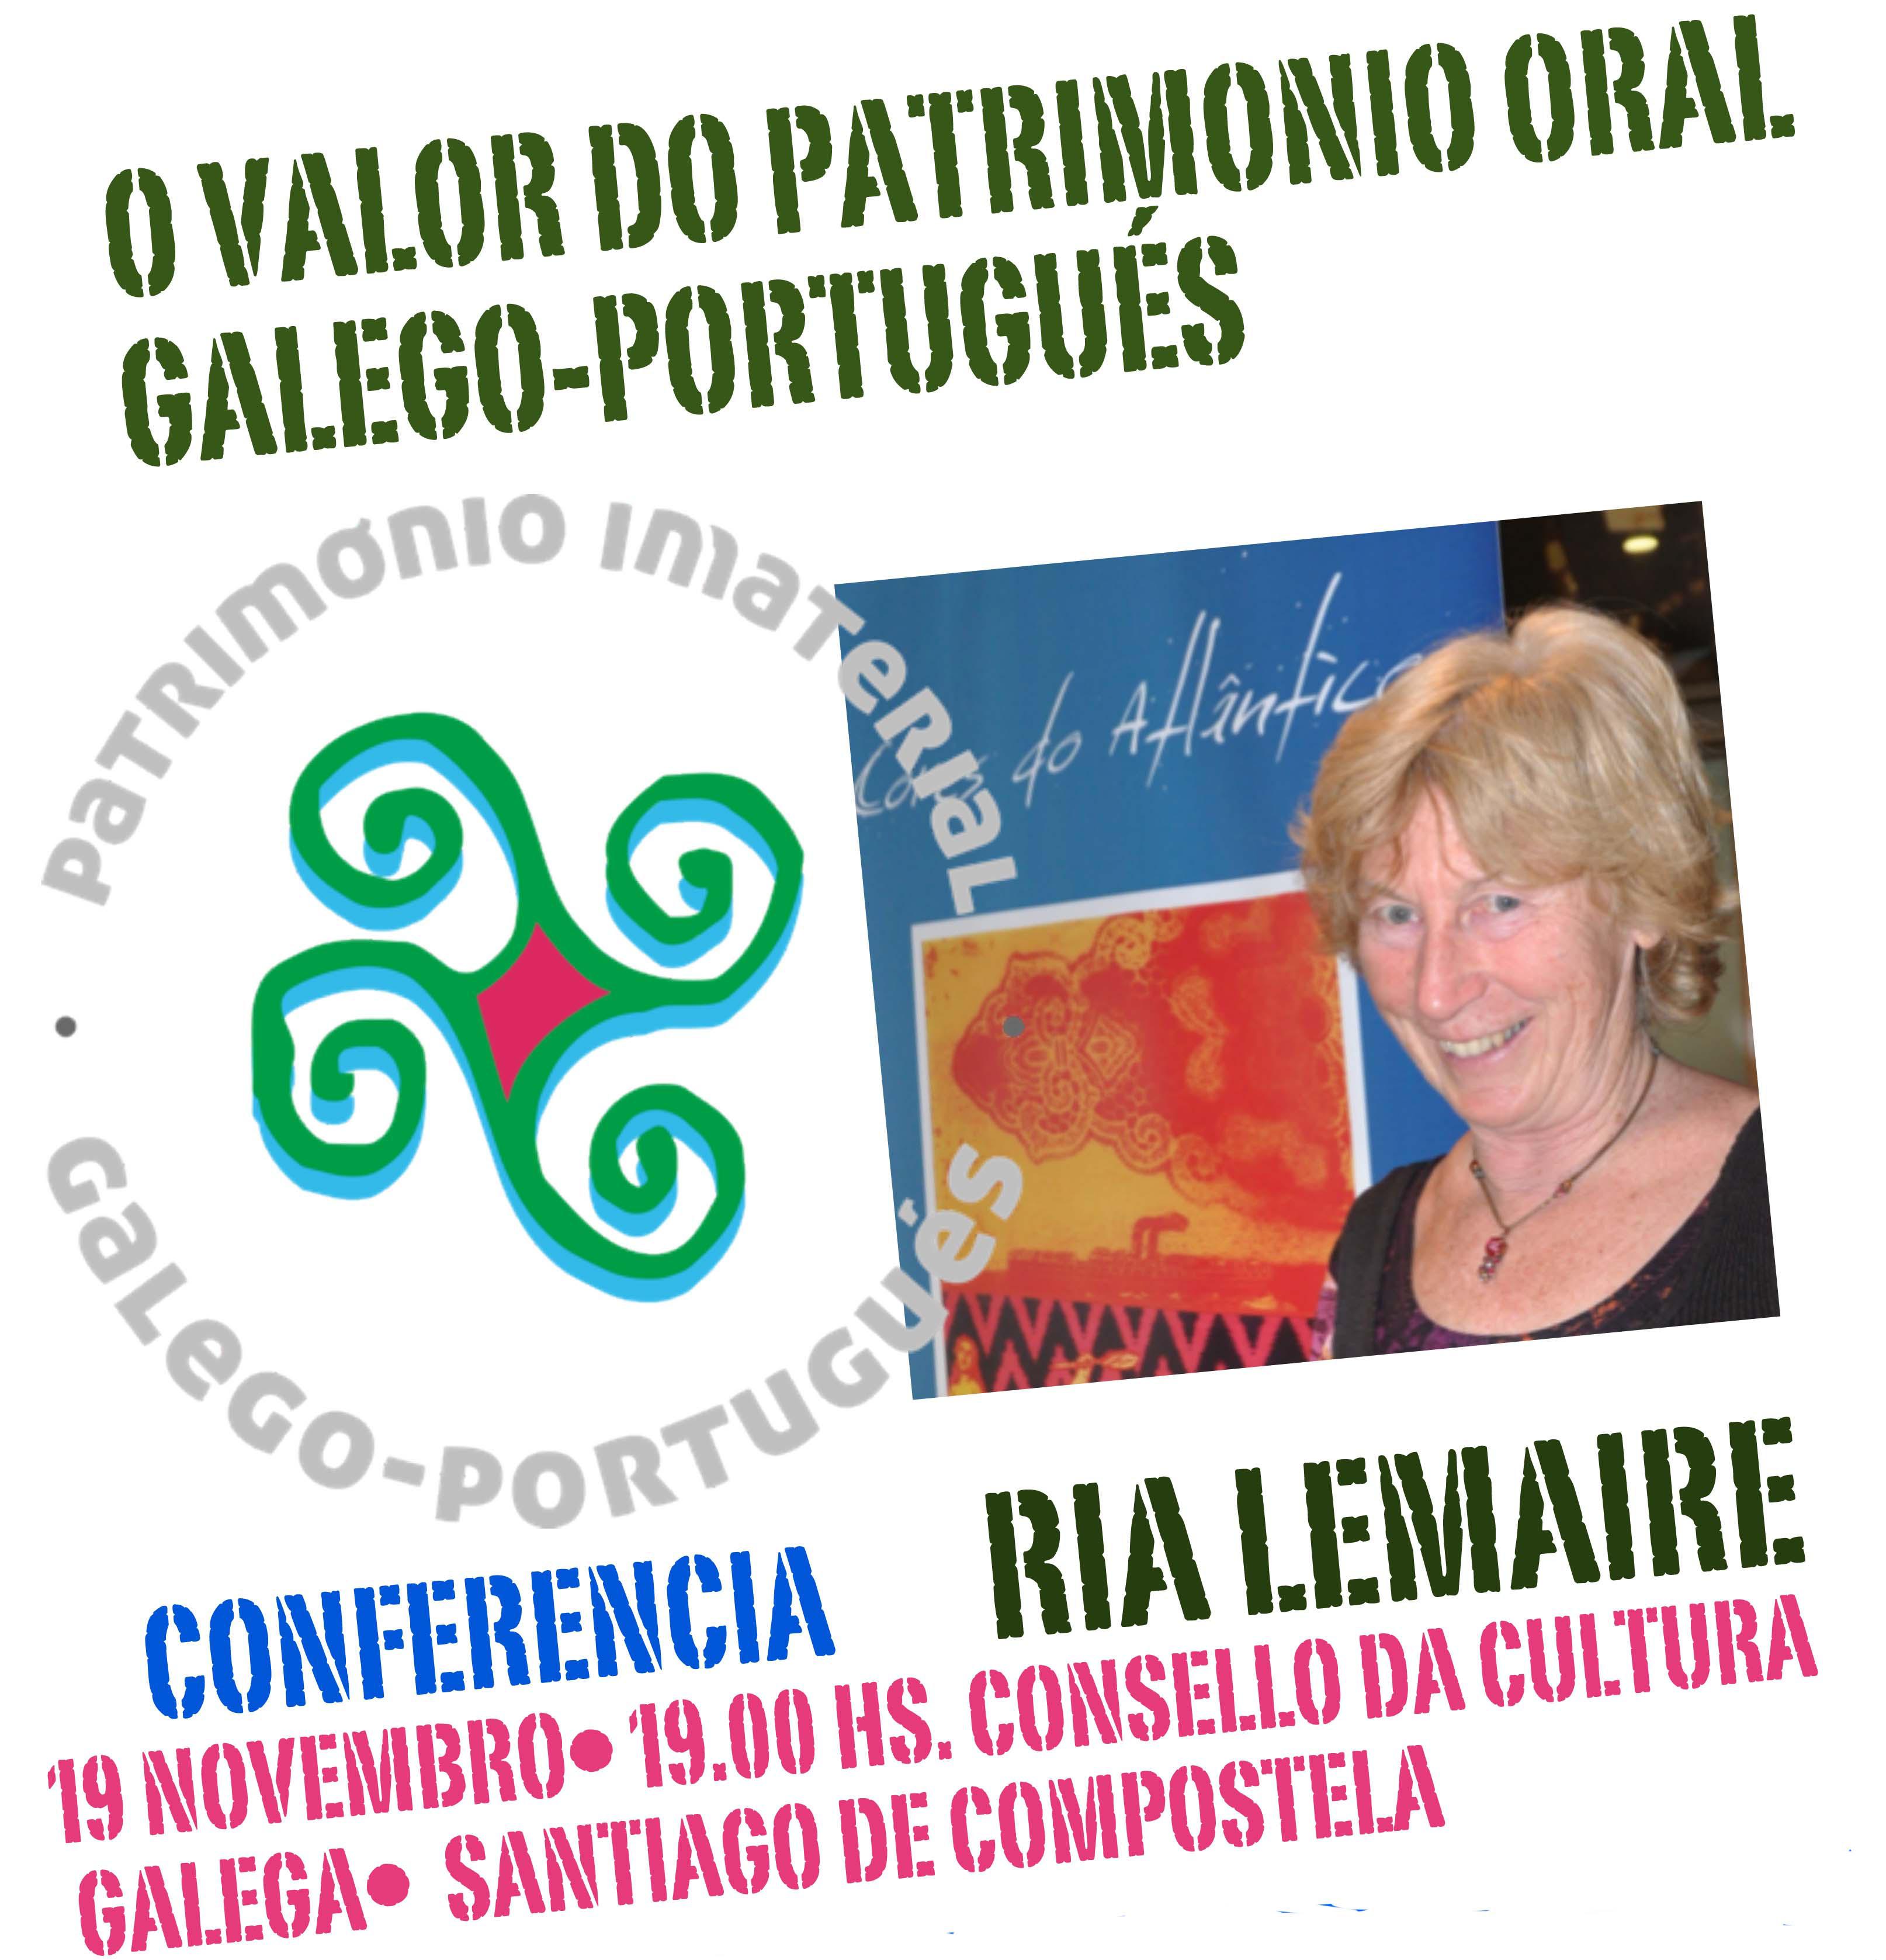 O valor do patrimonio oral galego-portugués